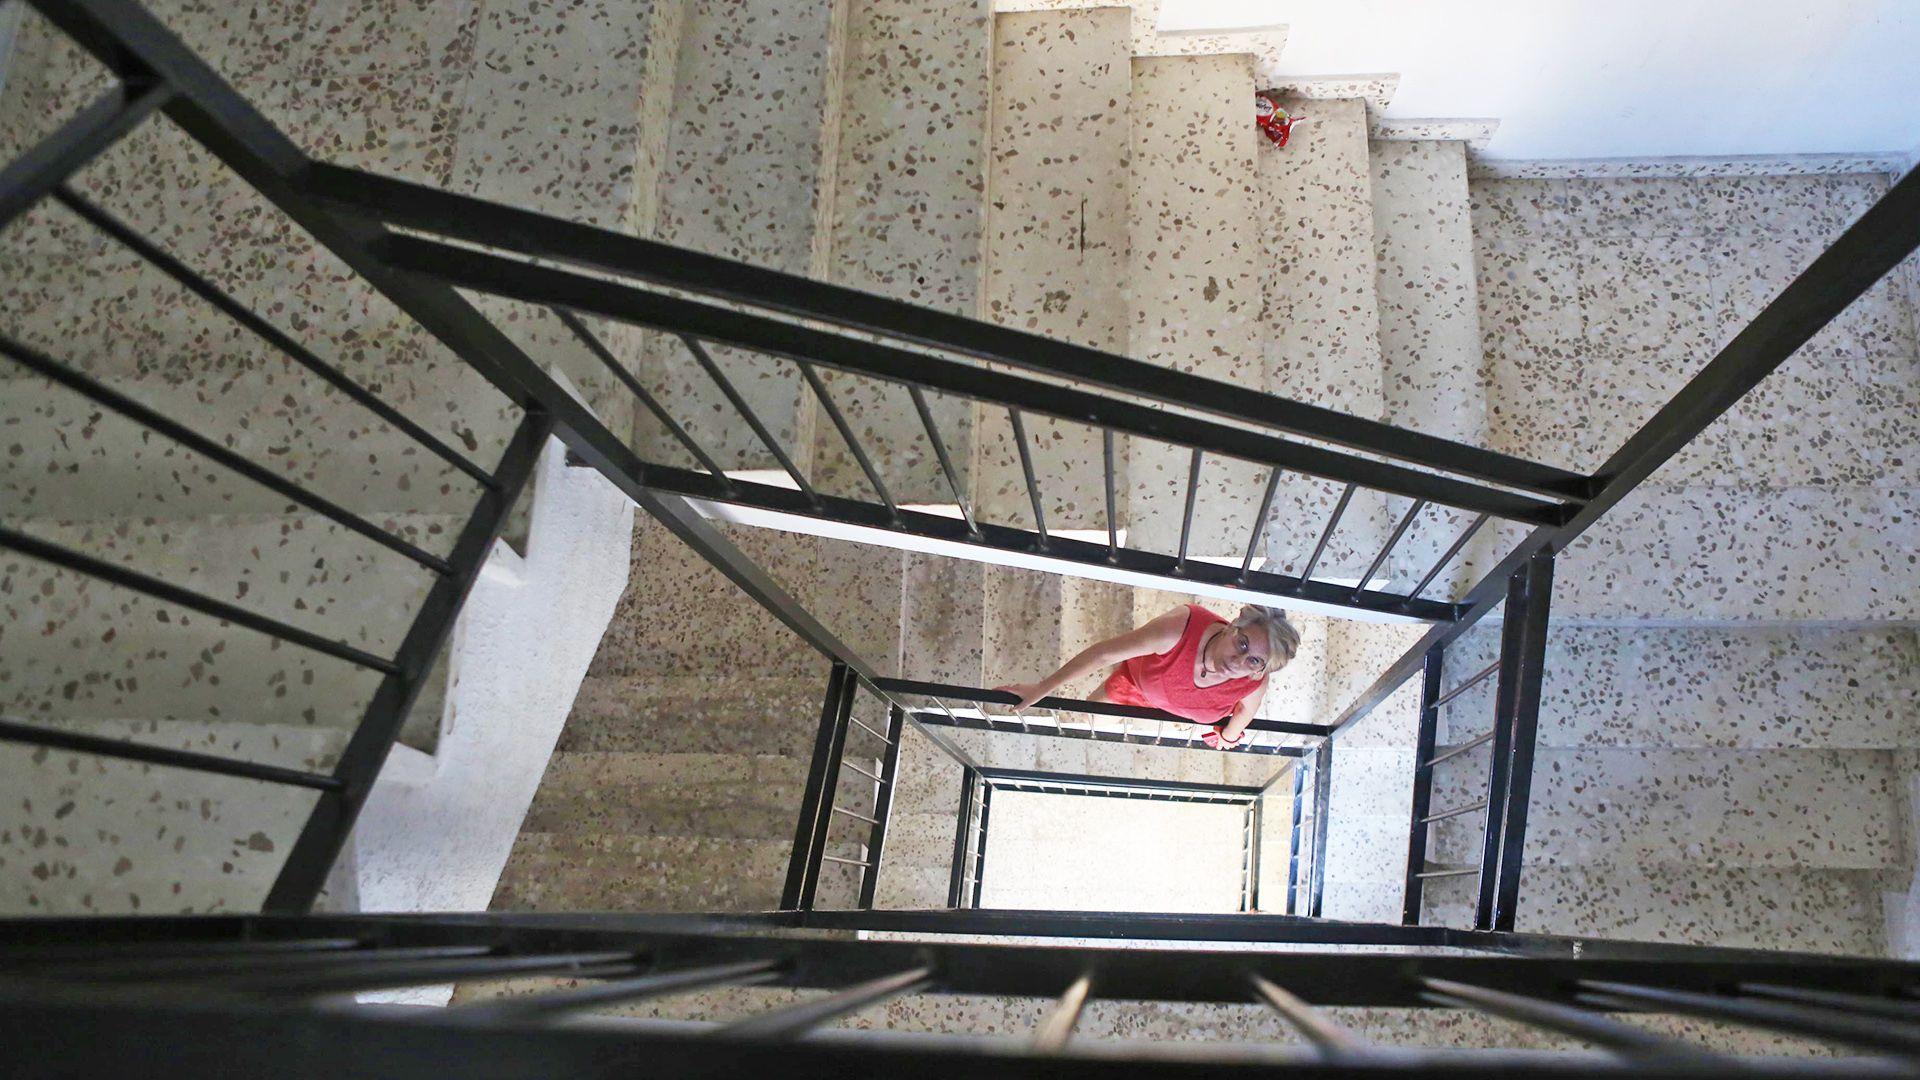 junta-andalucia-mantiene-edificio-con-ascensor-estropeado-4